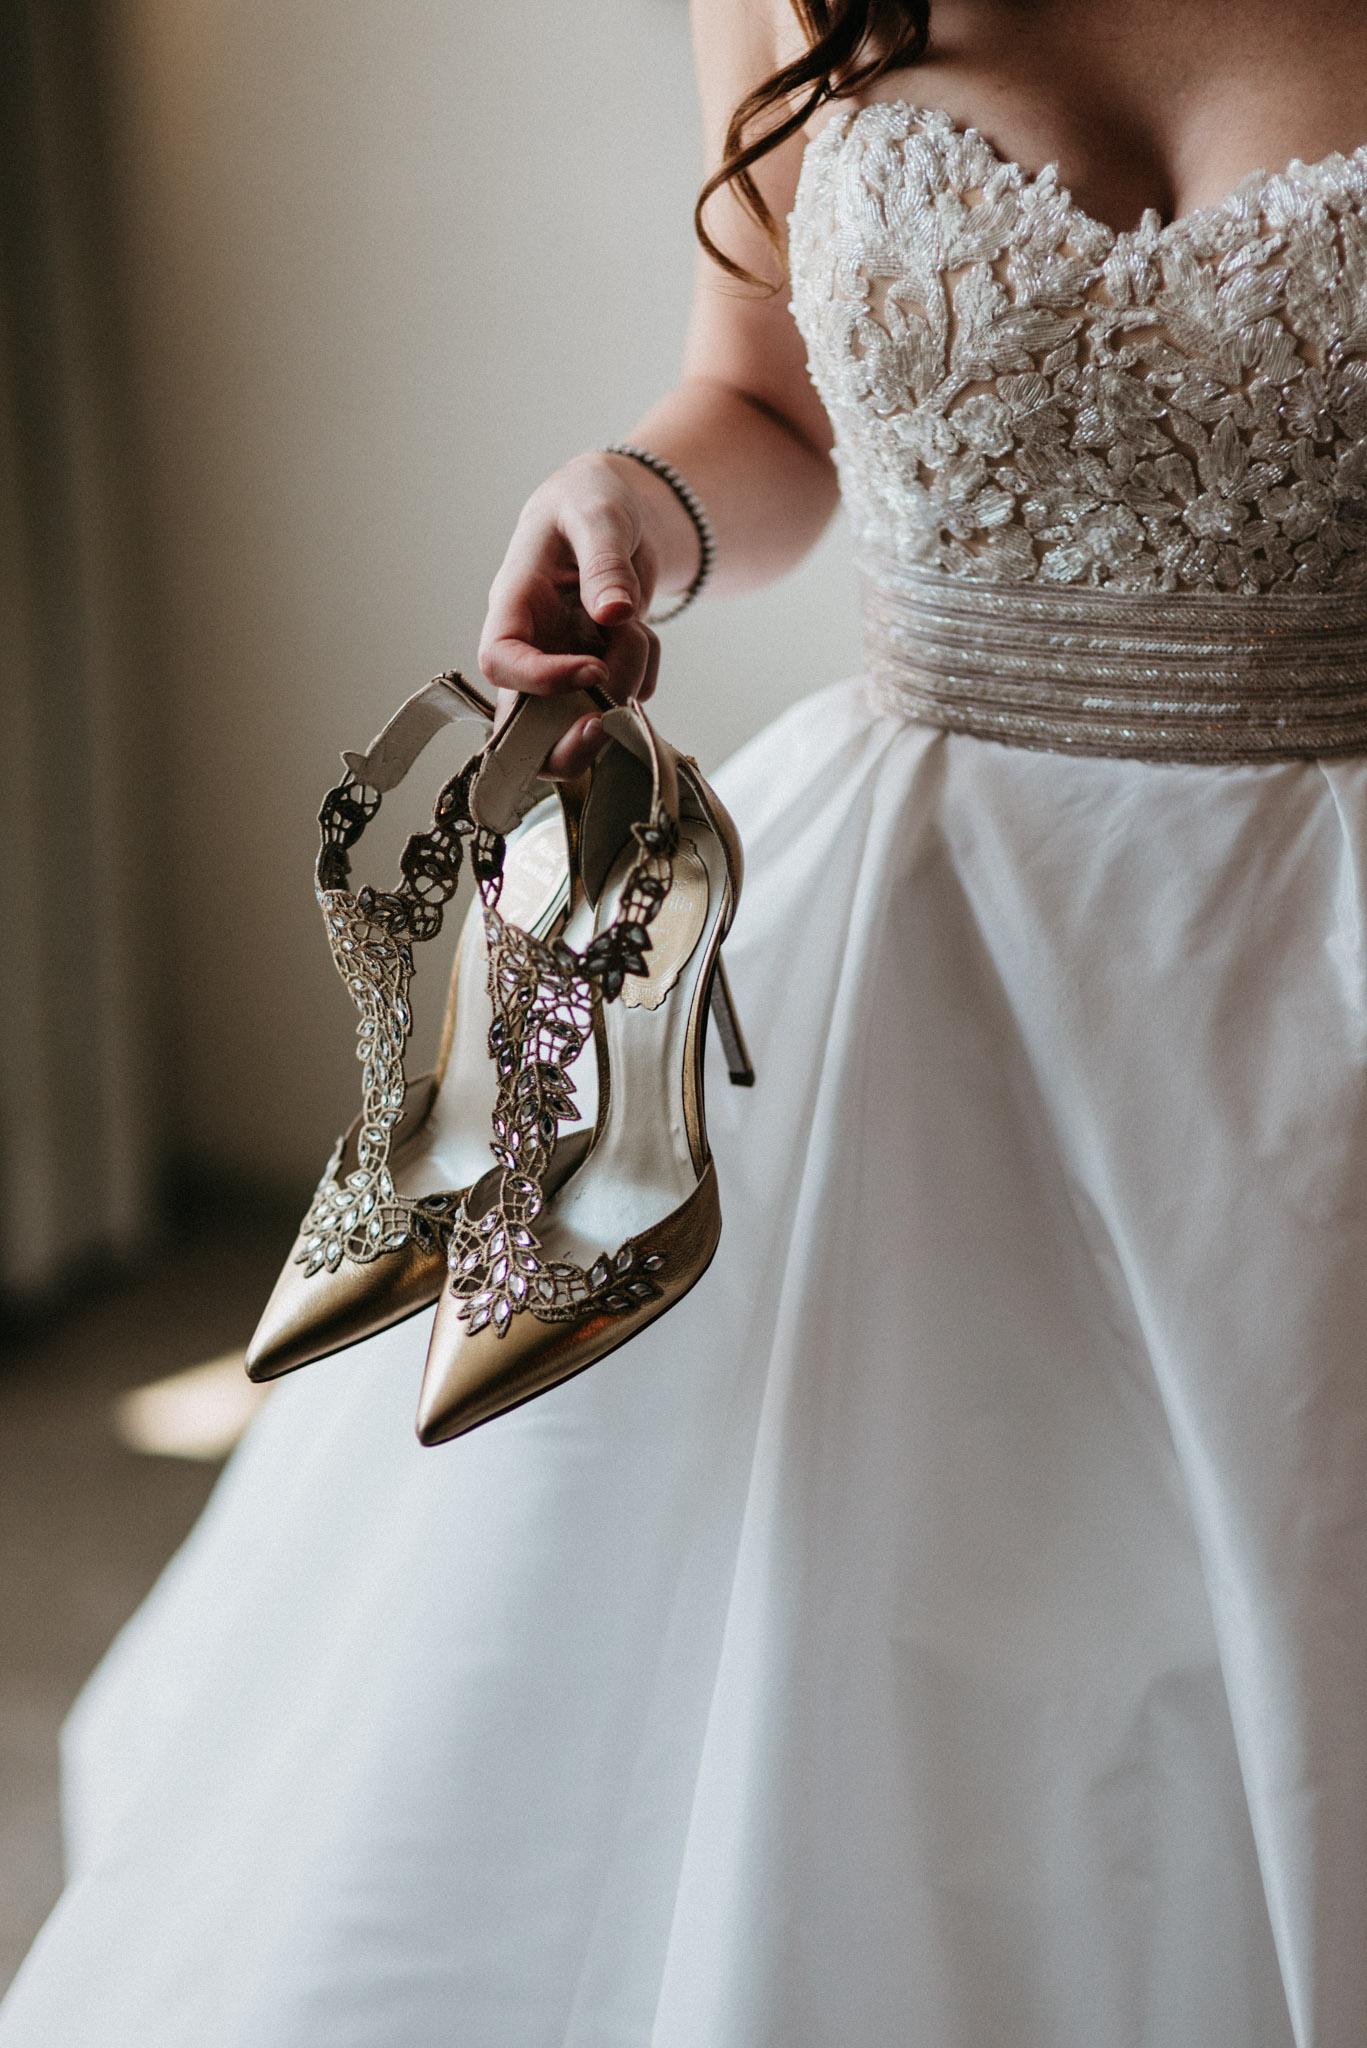 Laura Rowe Photography, Toronto Wedding, Destination Wedding Photographer, Four Seasons Wedding -20.jpg